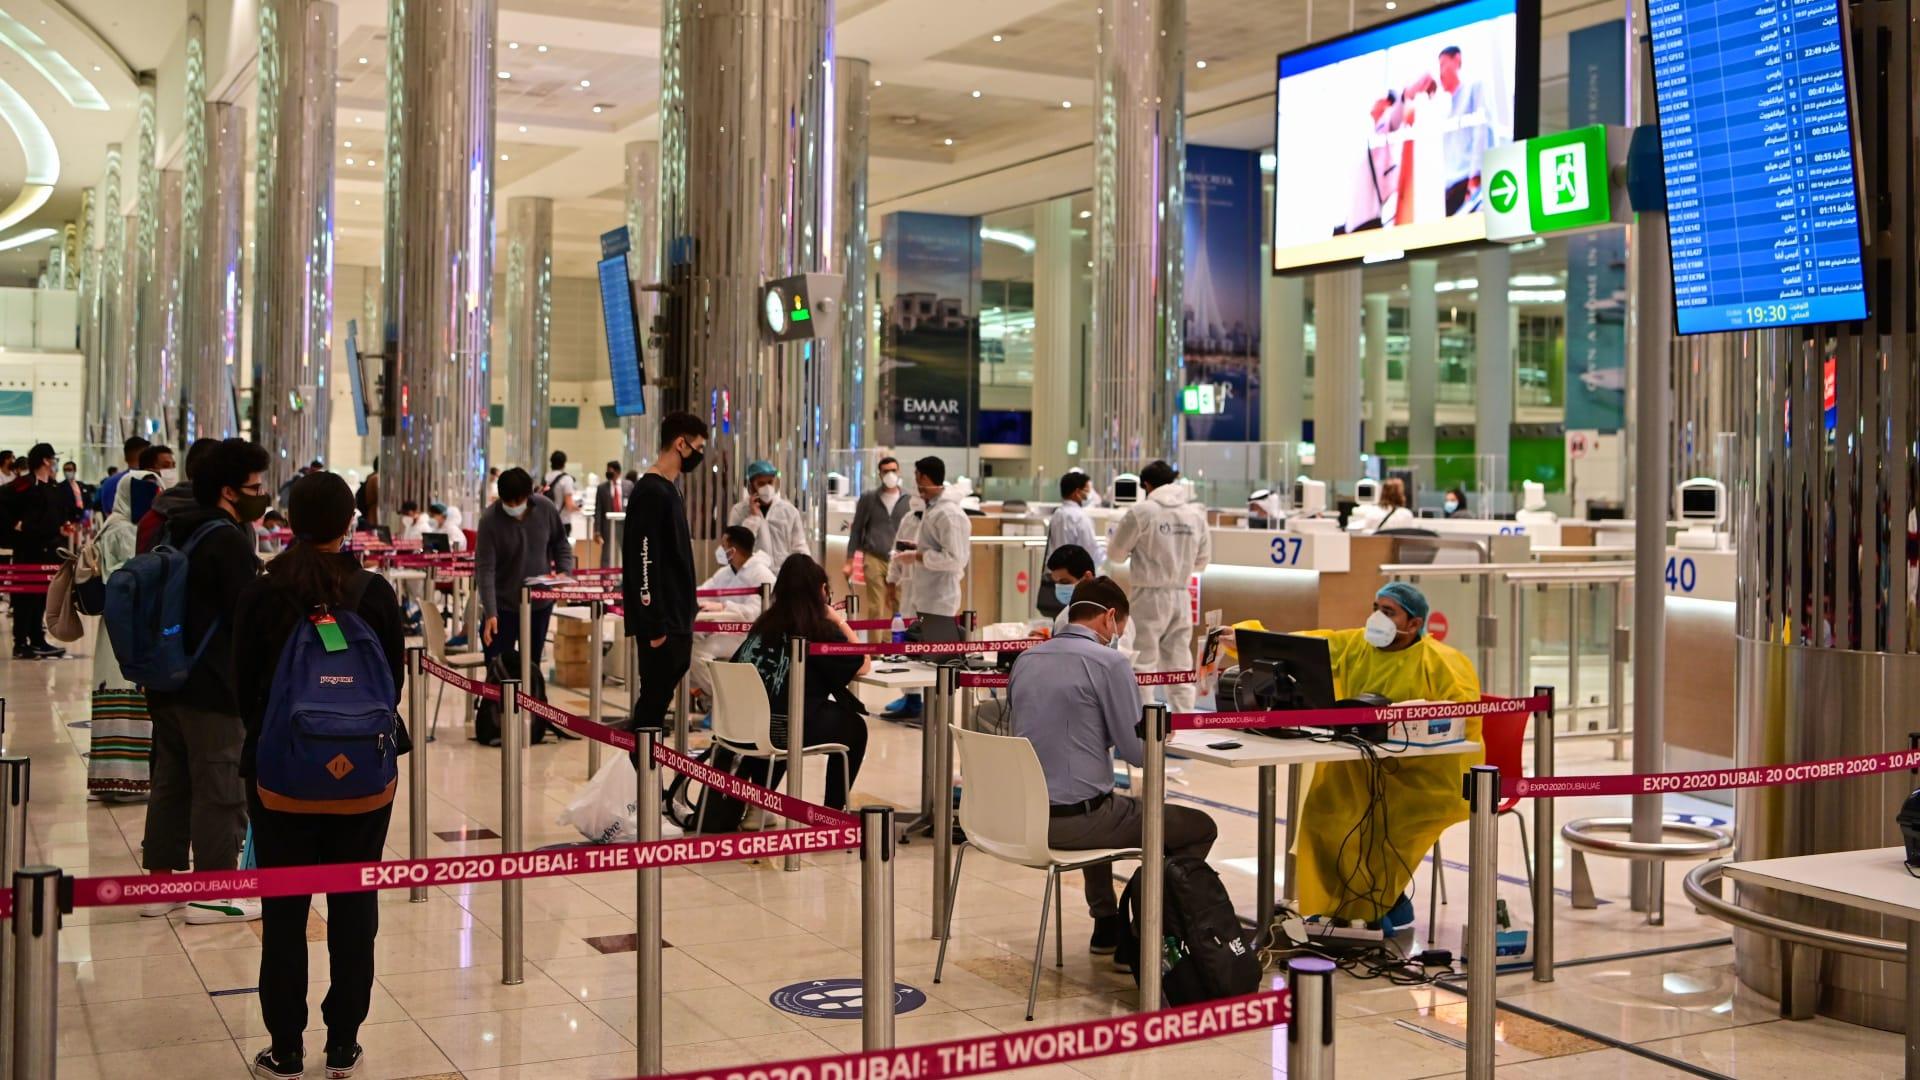 مطارات دبي تعلن انخفاض حركة المسافرين بنسبة 70٪ في 2020